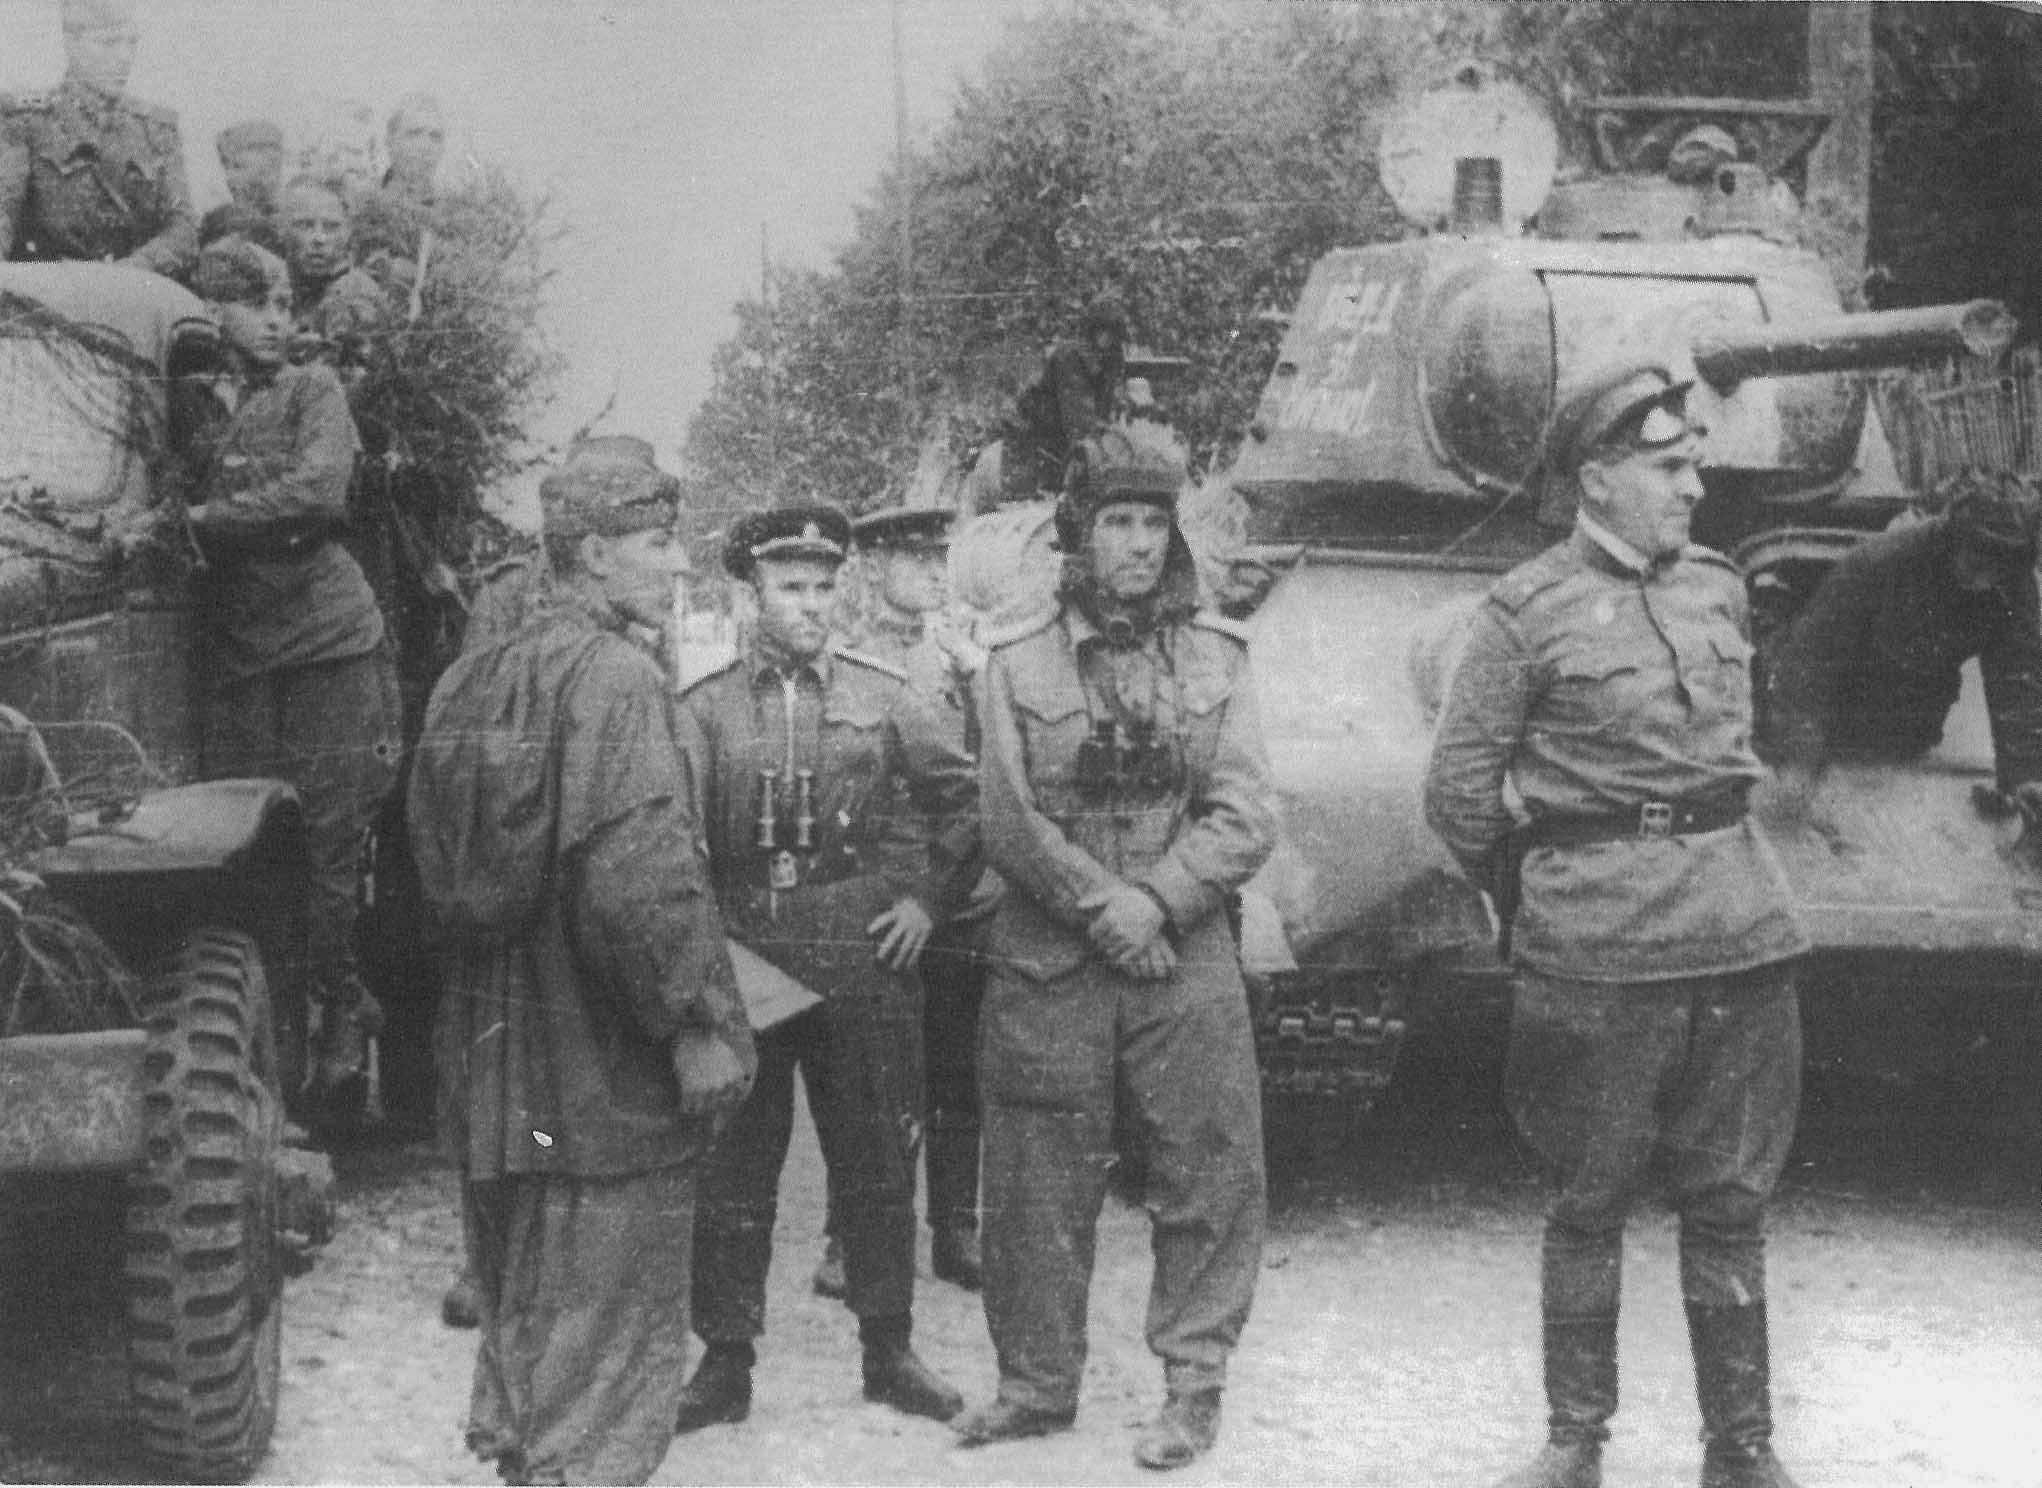 туркменская сср фотографии танков и танкистов кошек